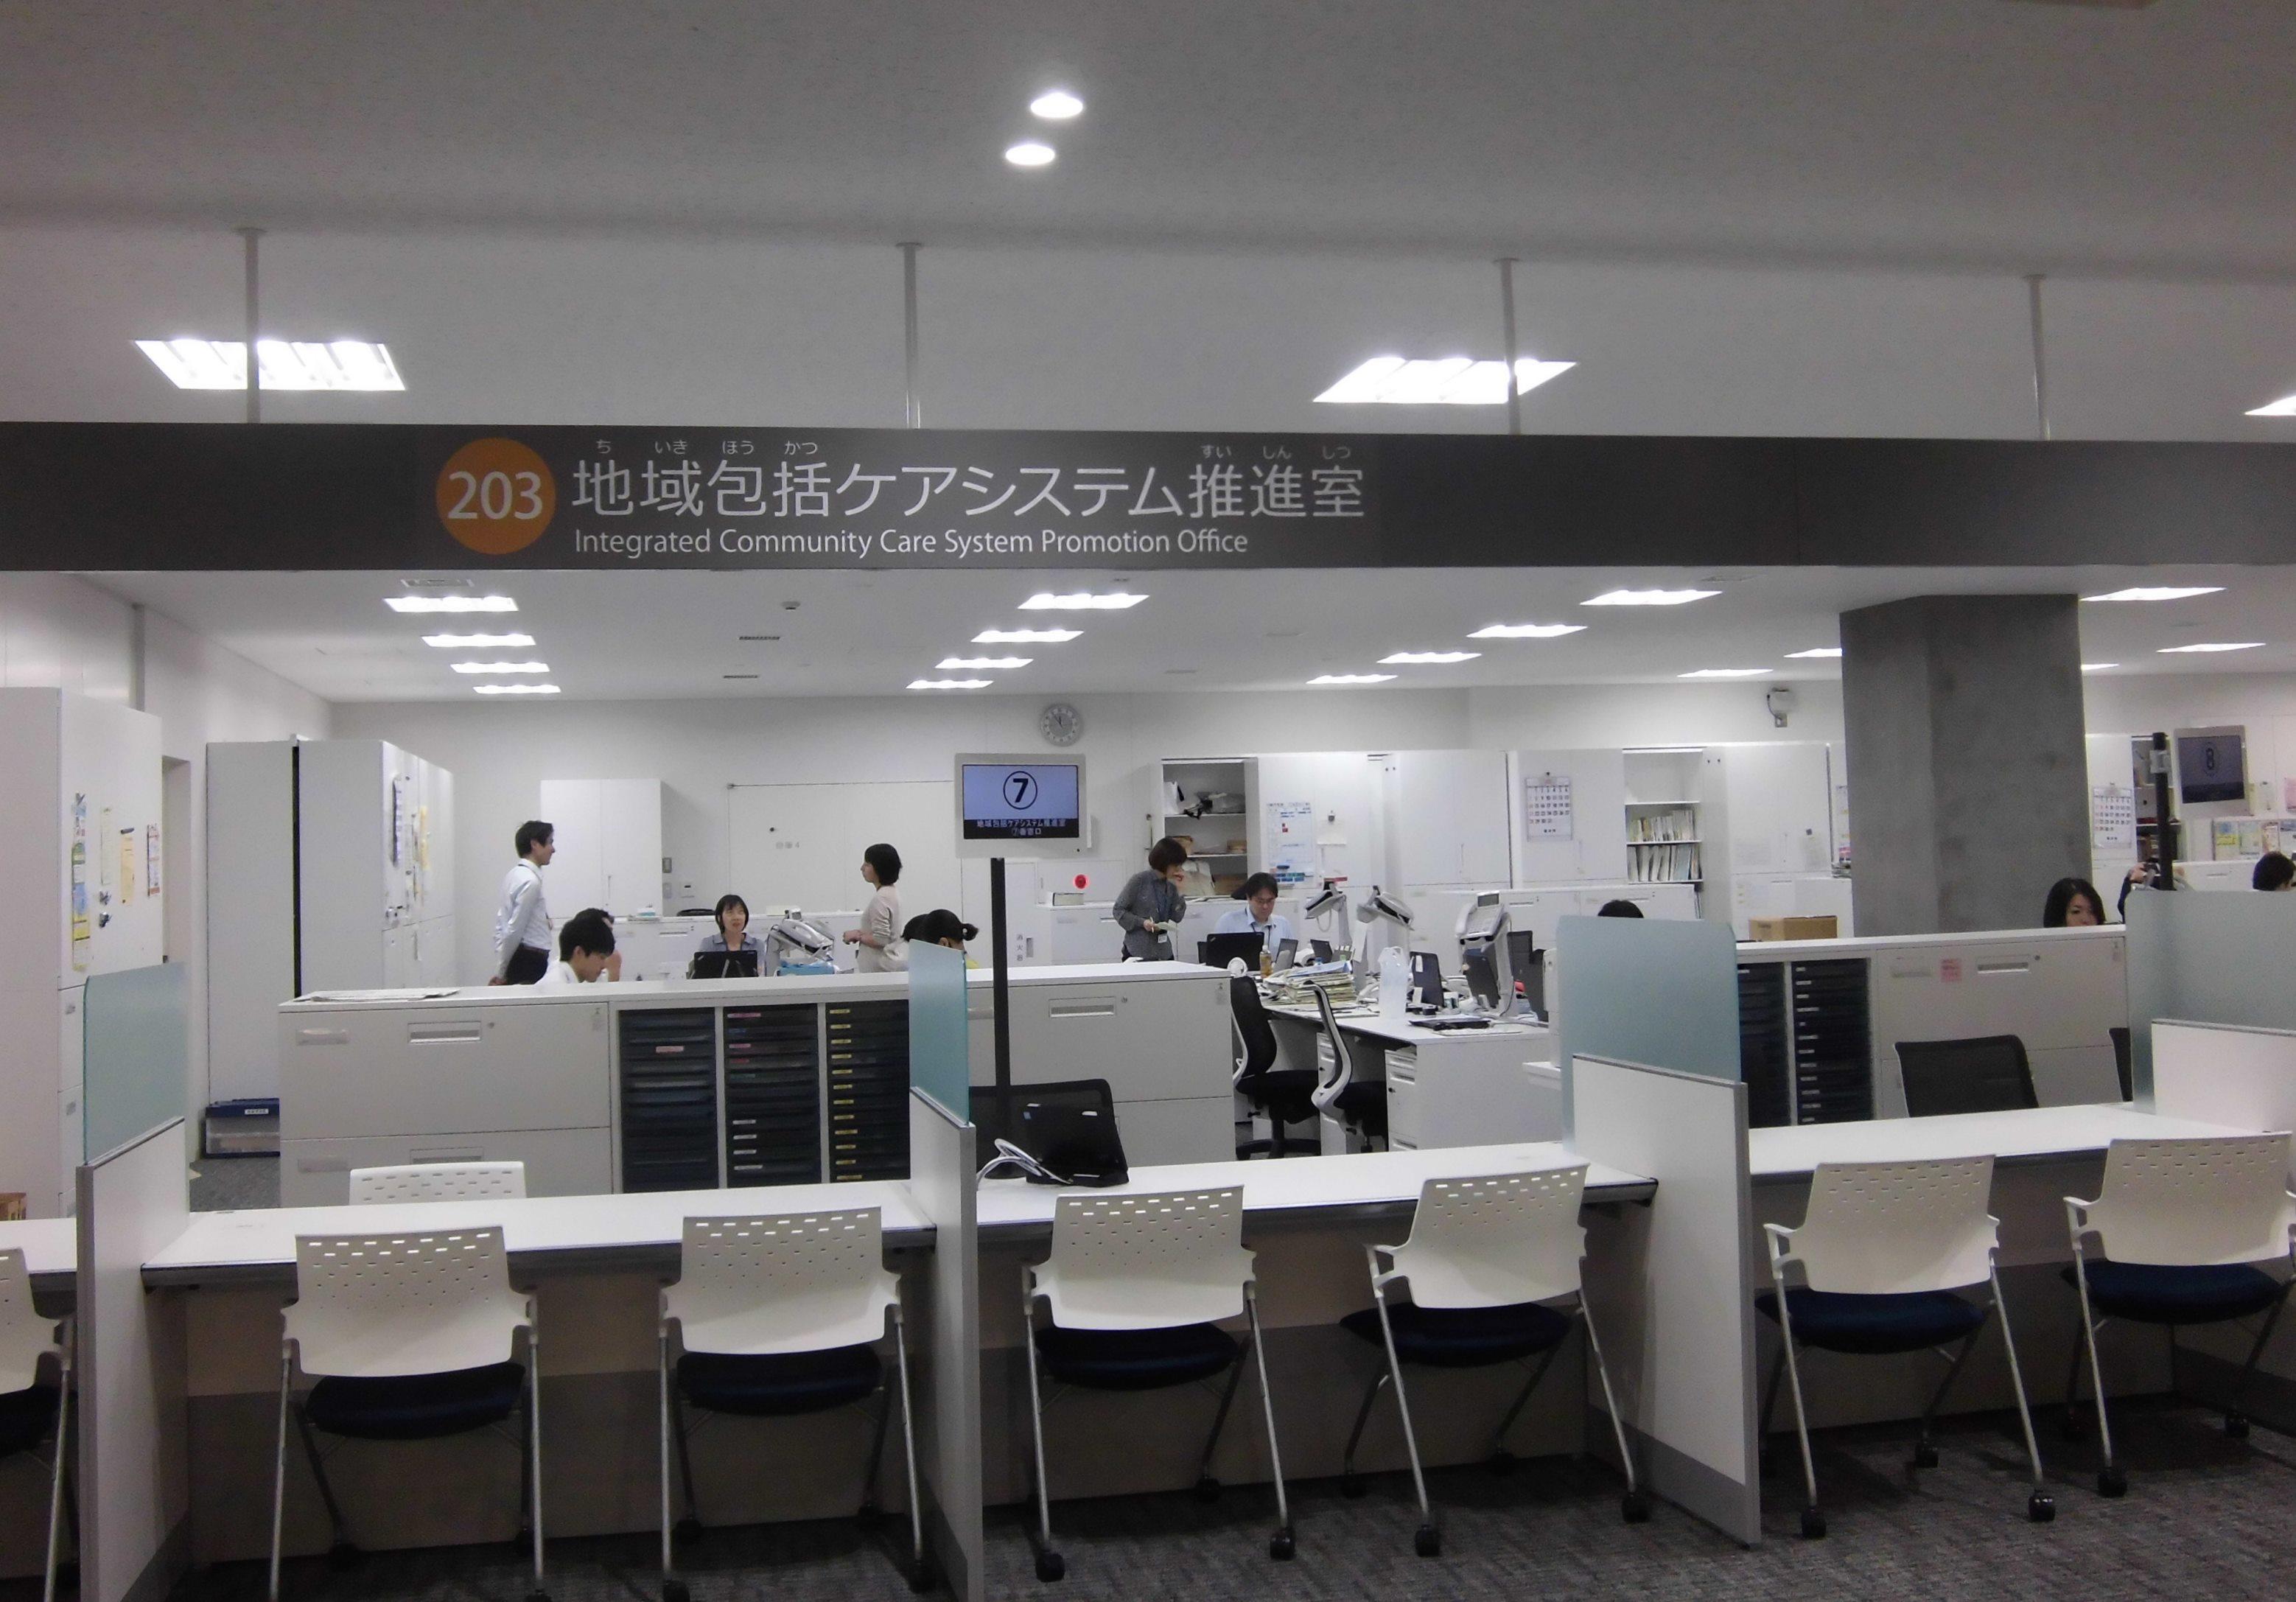 藤沢 市役所 採用